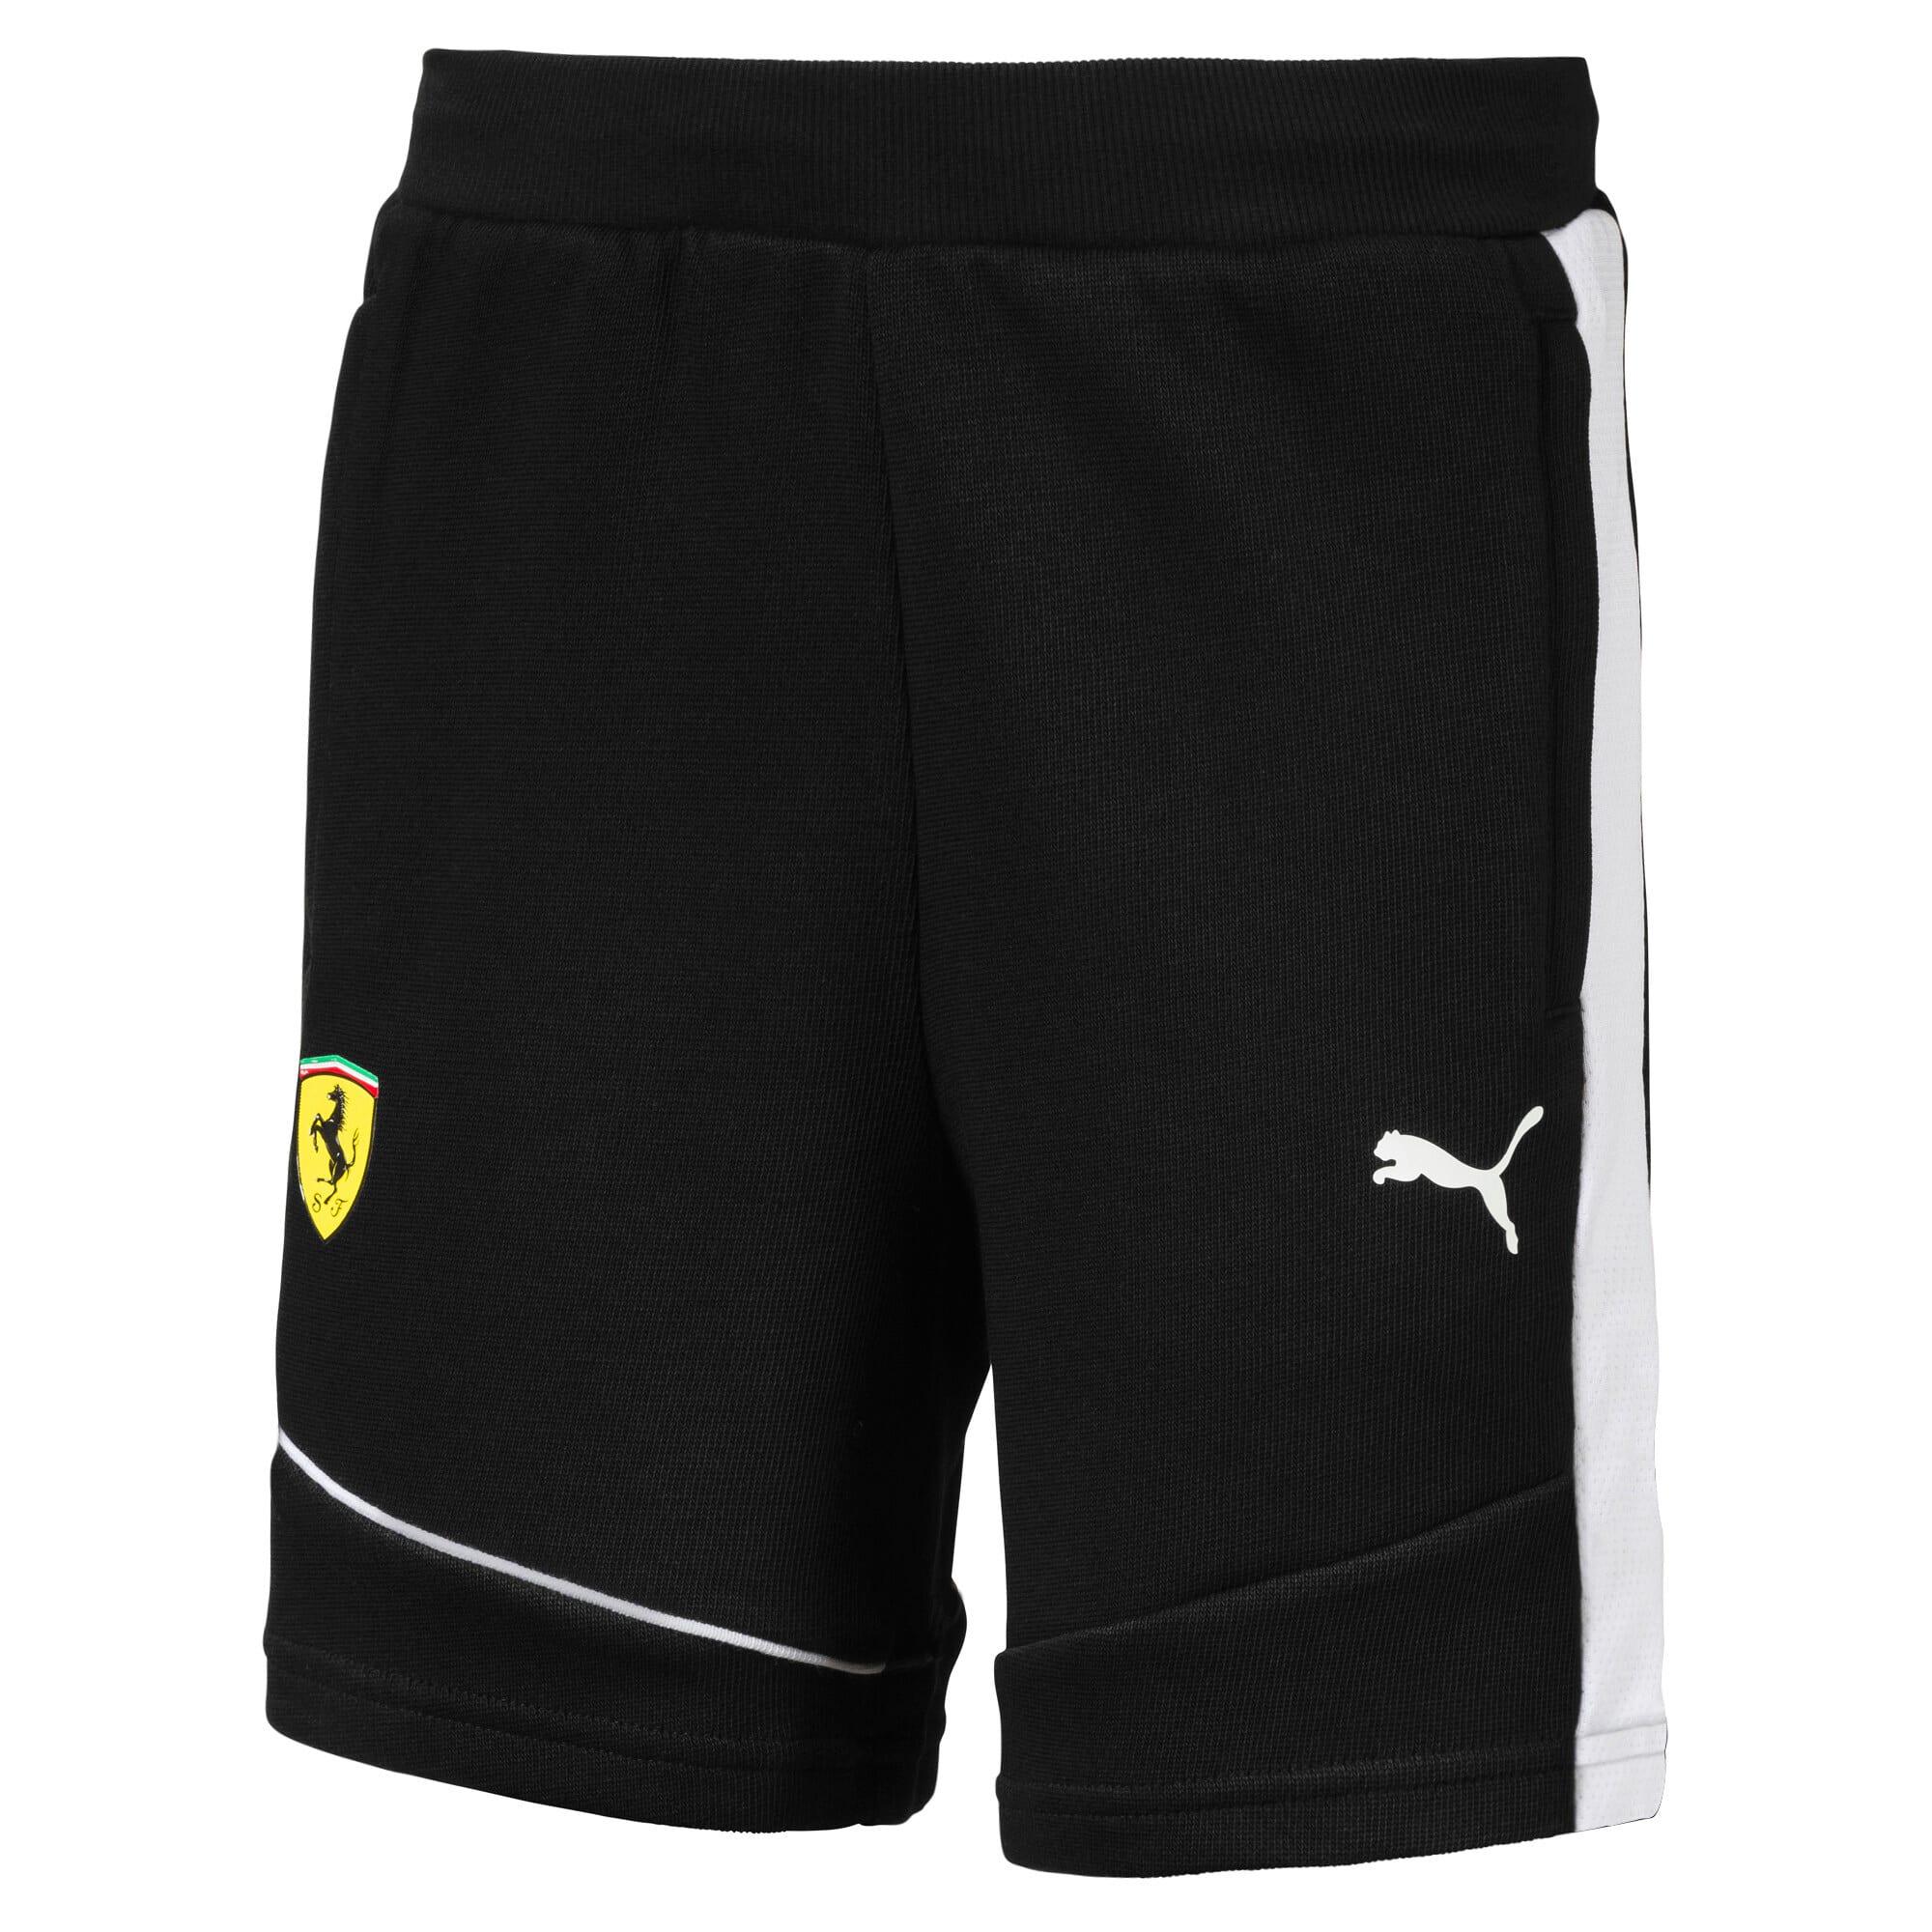 Thumbnail 1 of Scuderia Ferrari Boys' Sweat Shorts JR, Puma Black, medium